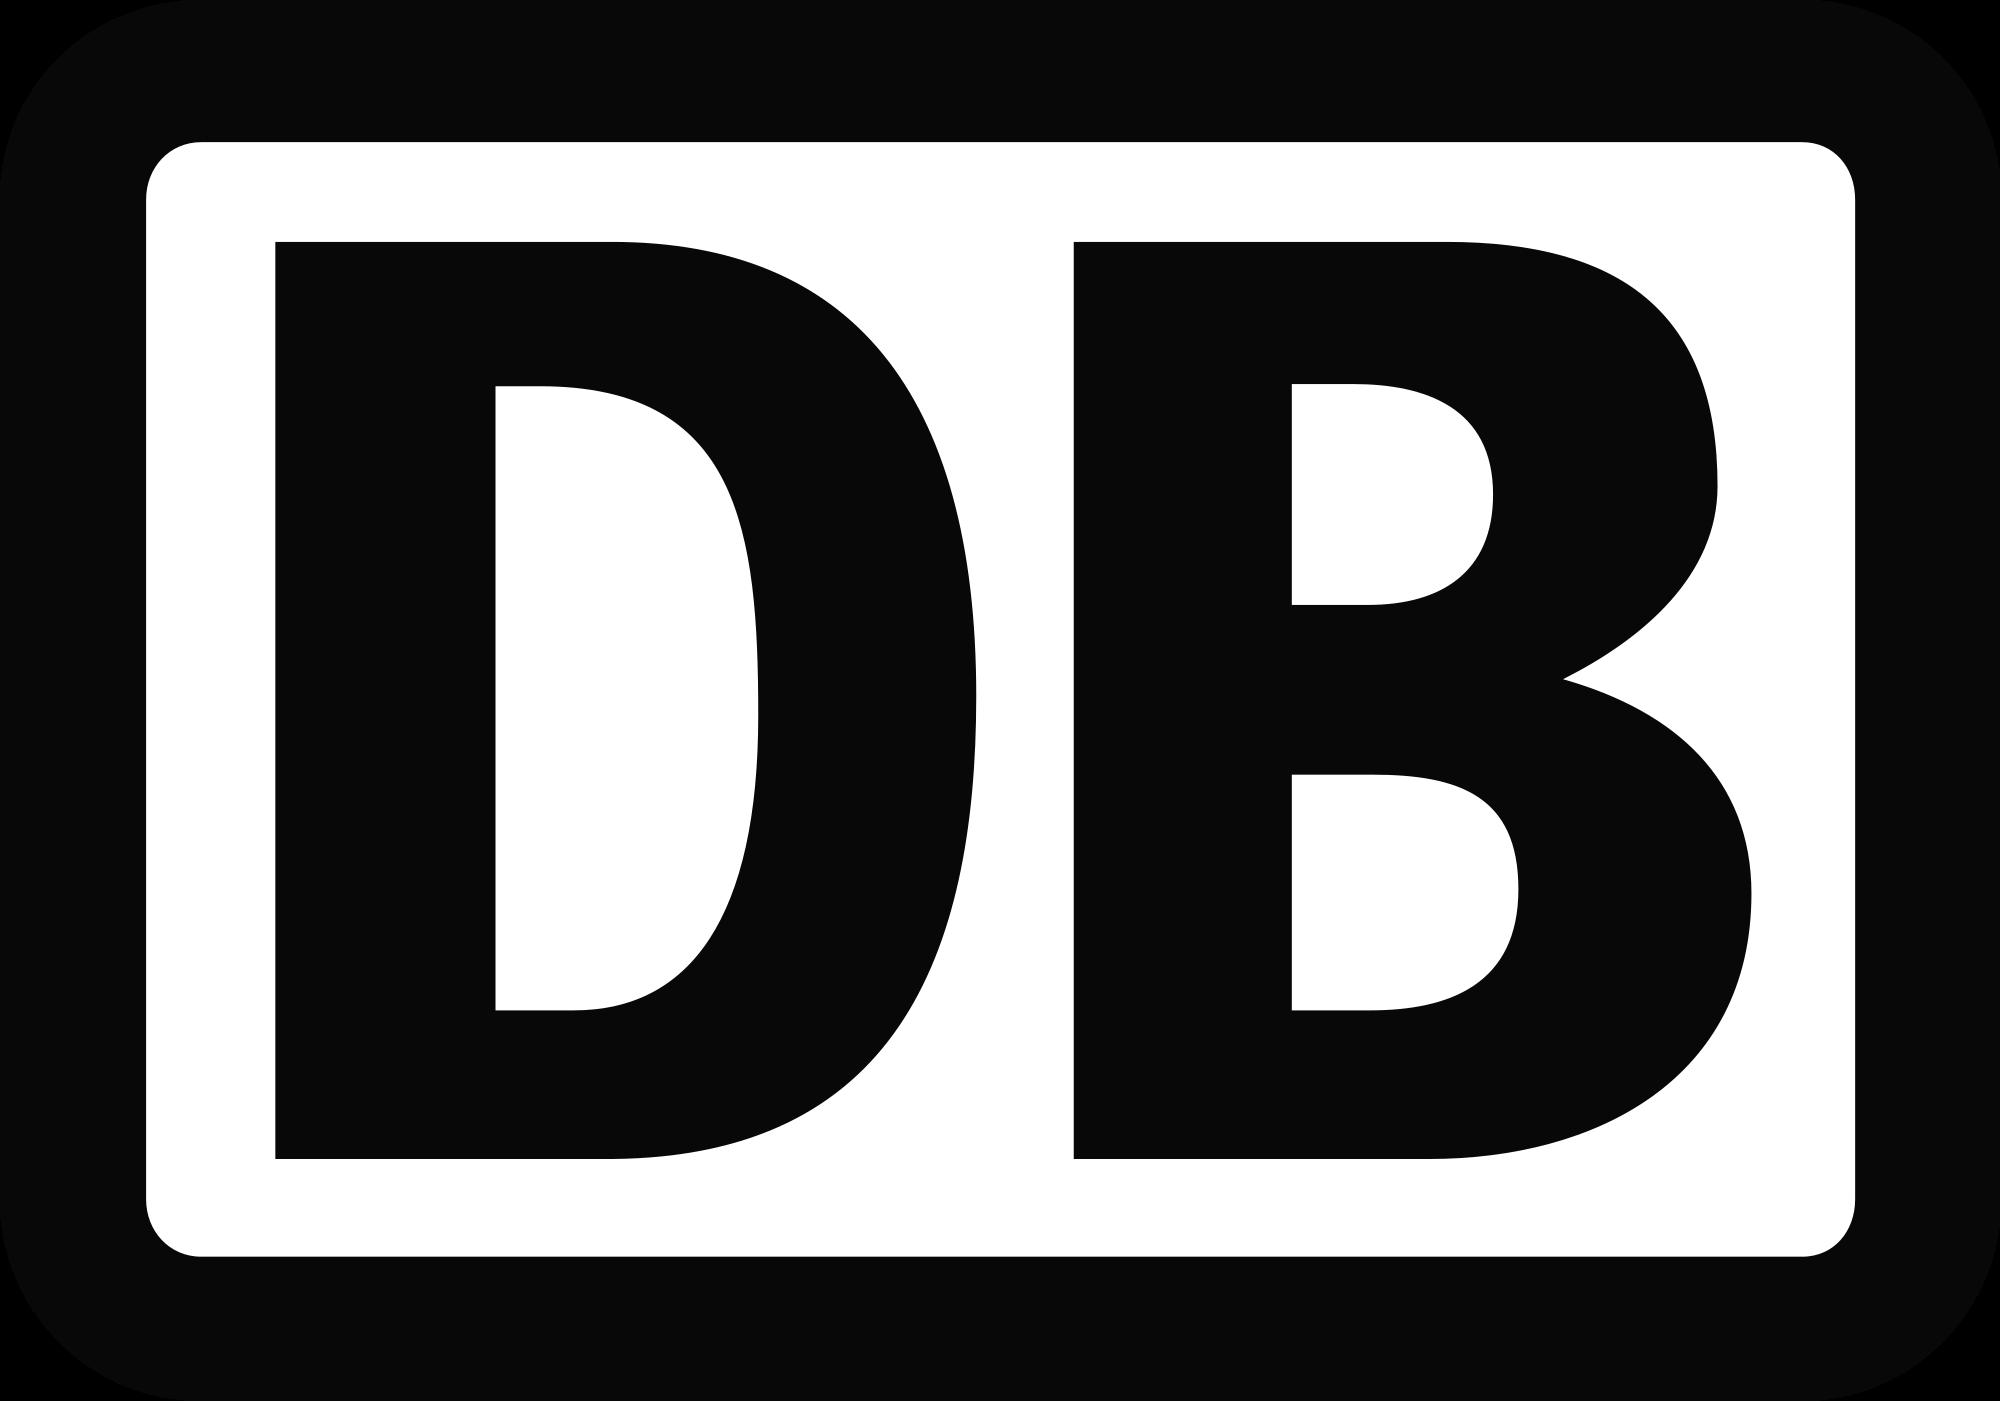 Das Logo der Deutschen Bahn.